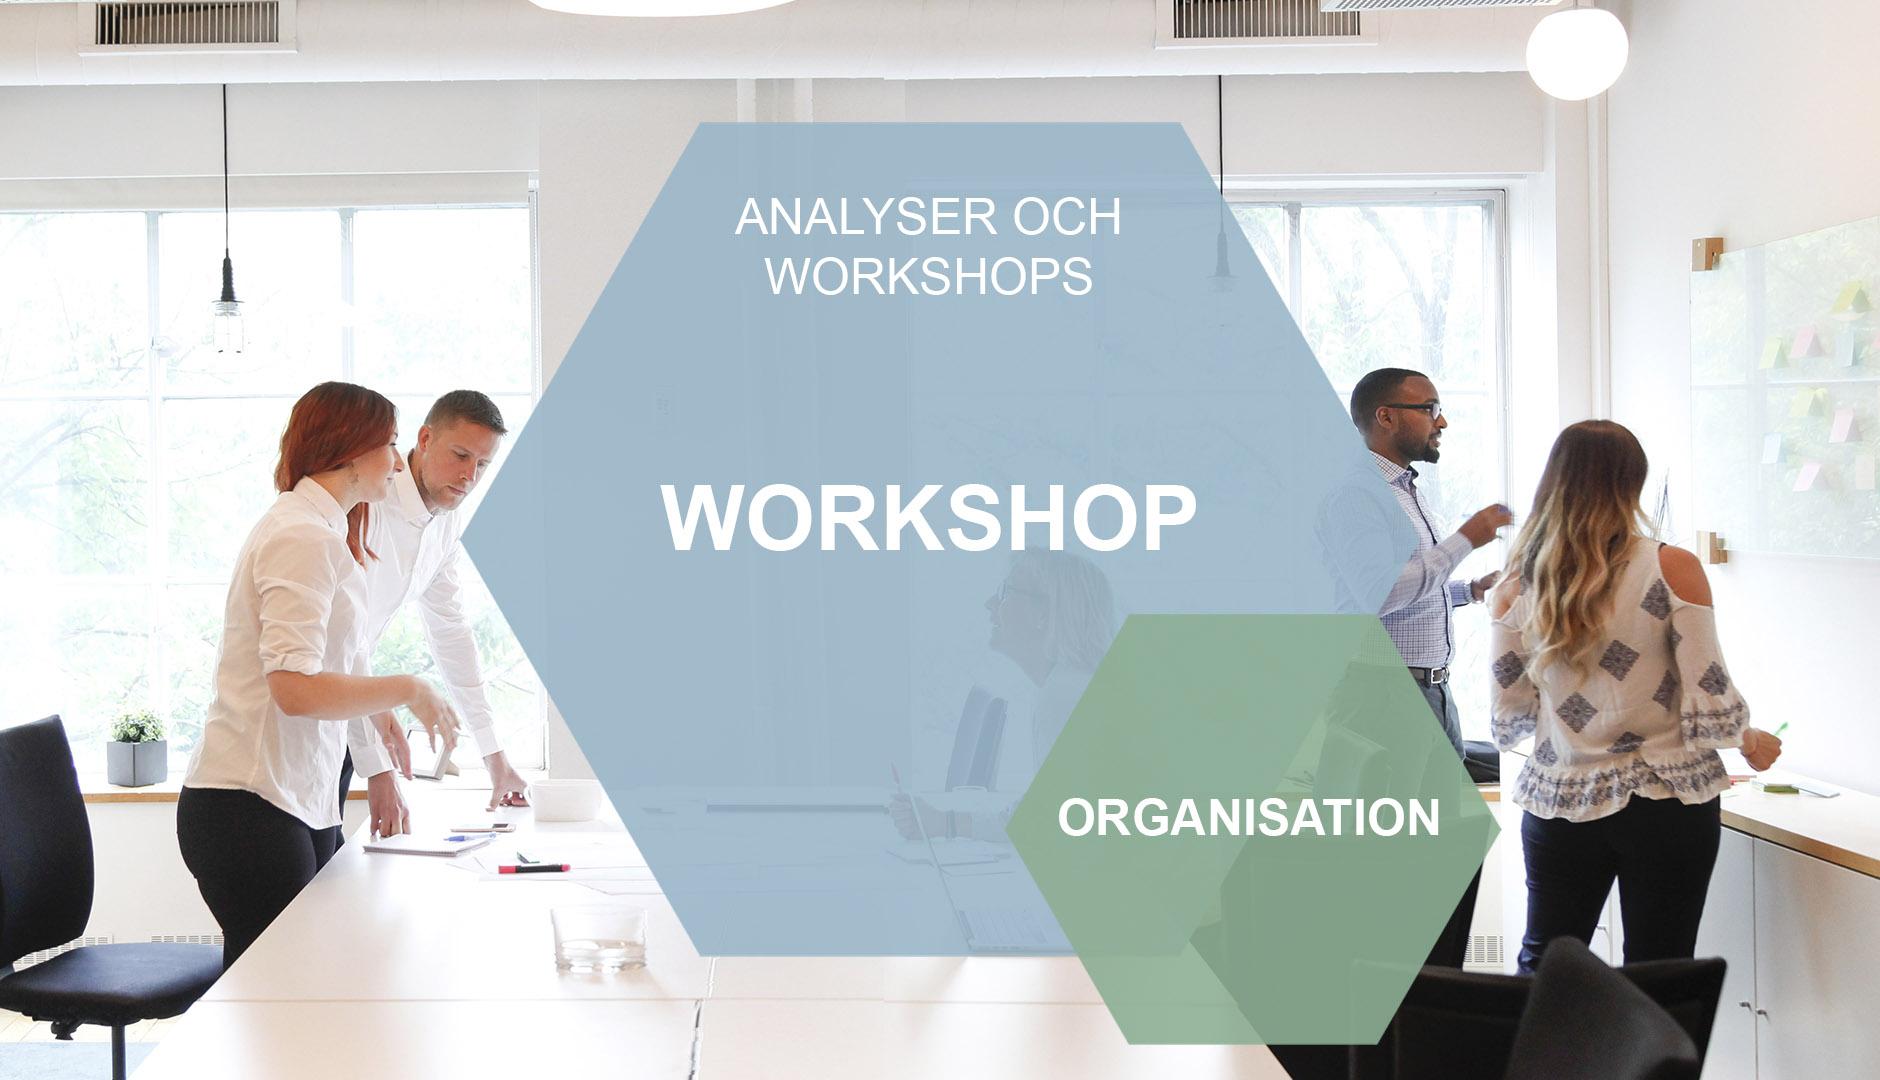 Organisation workshop i hexagon mot bakgrund av människor i workshop